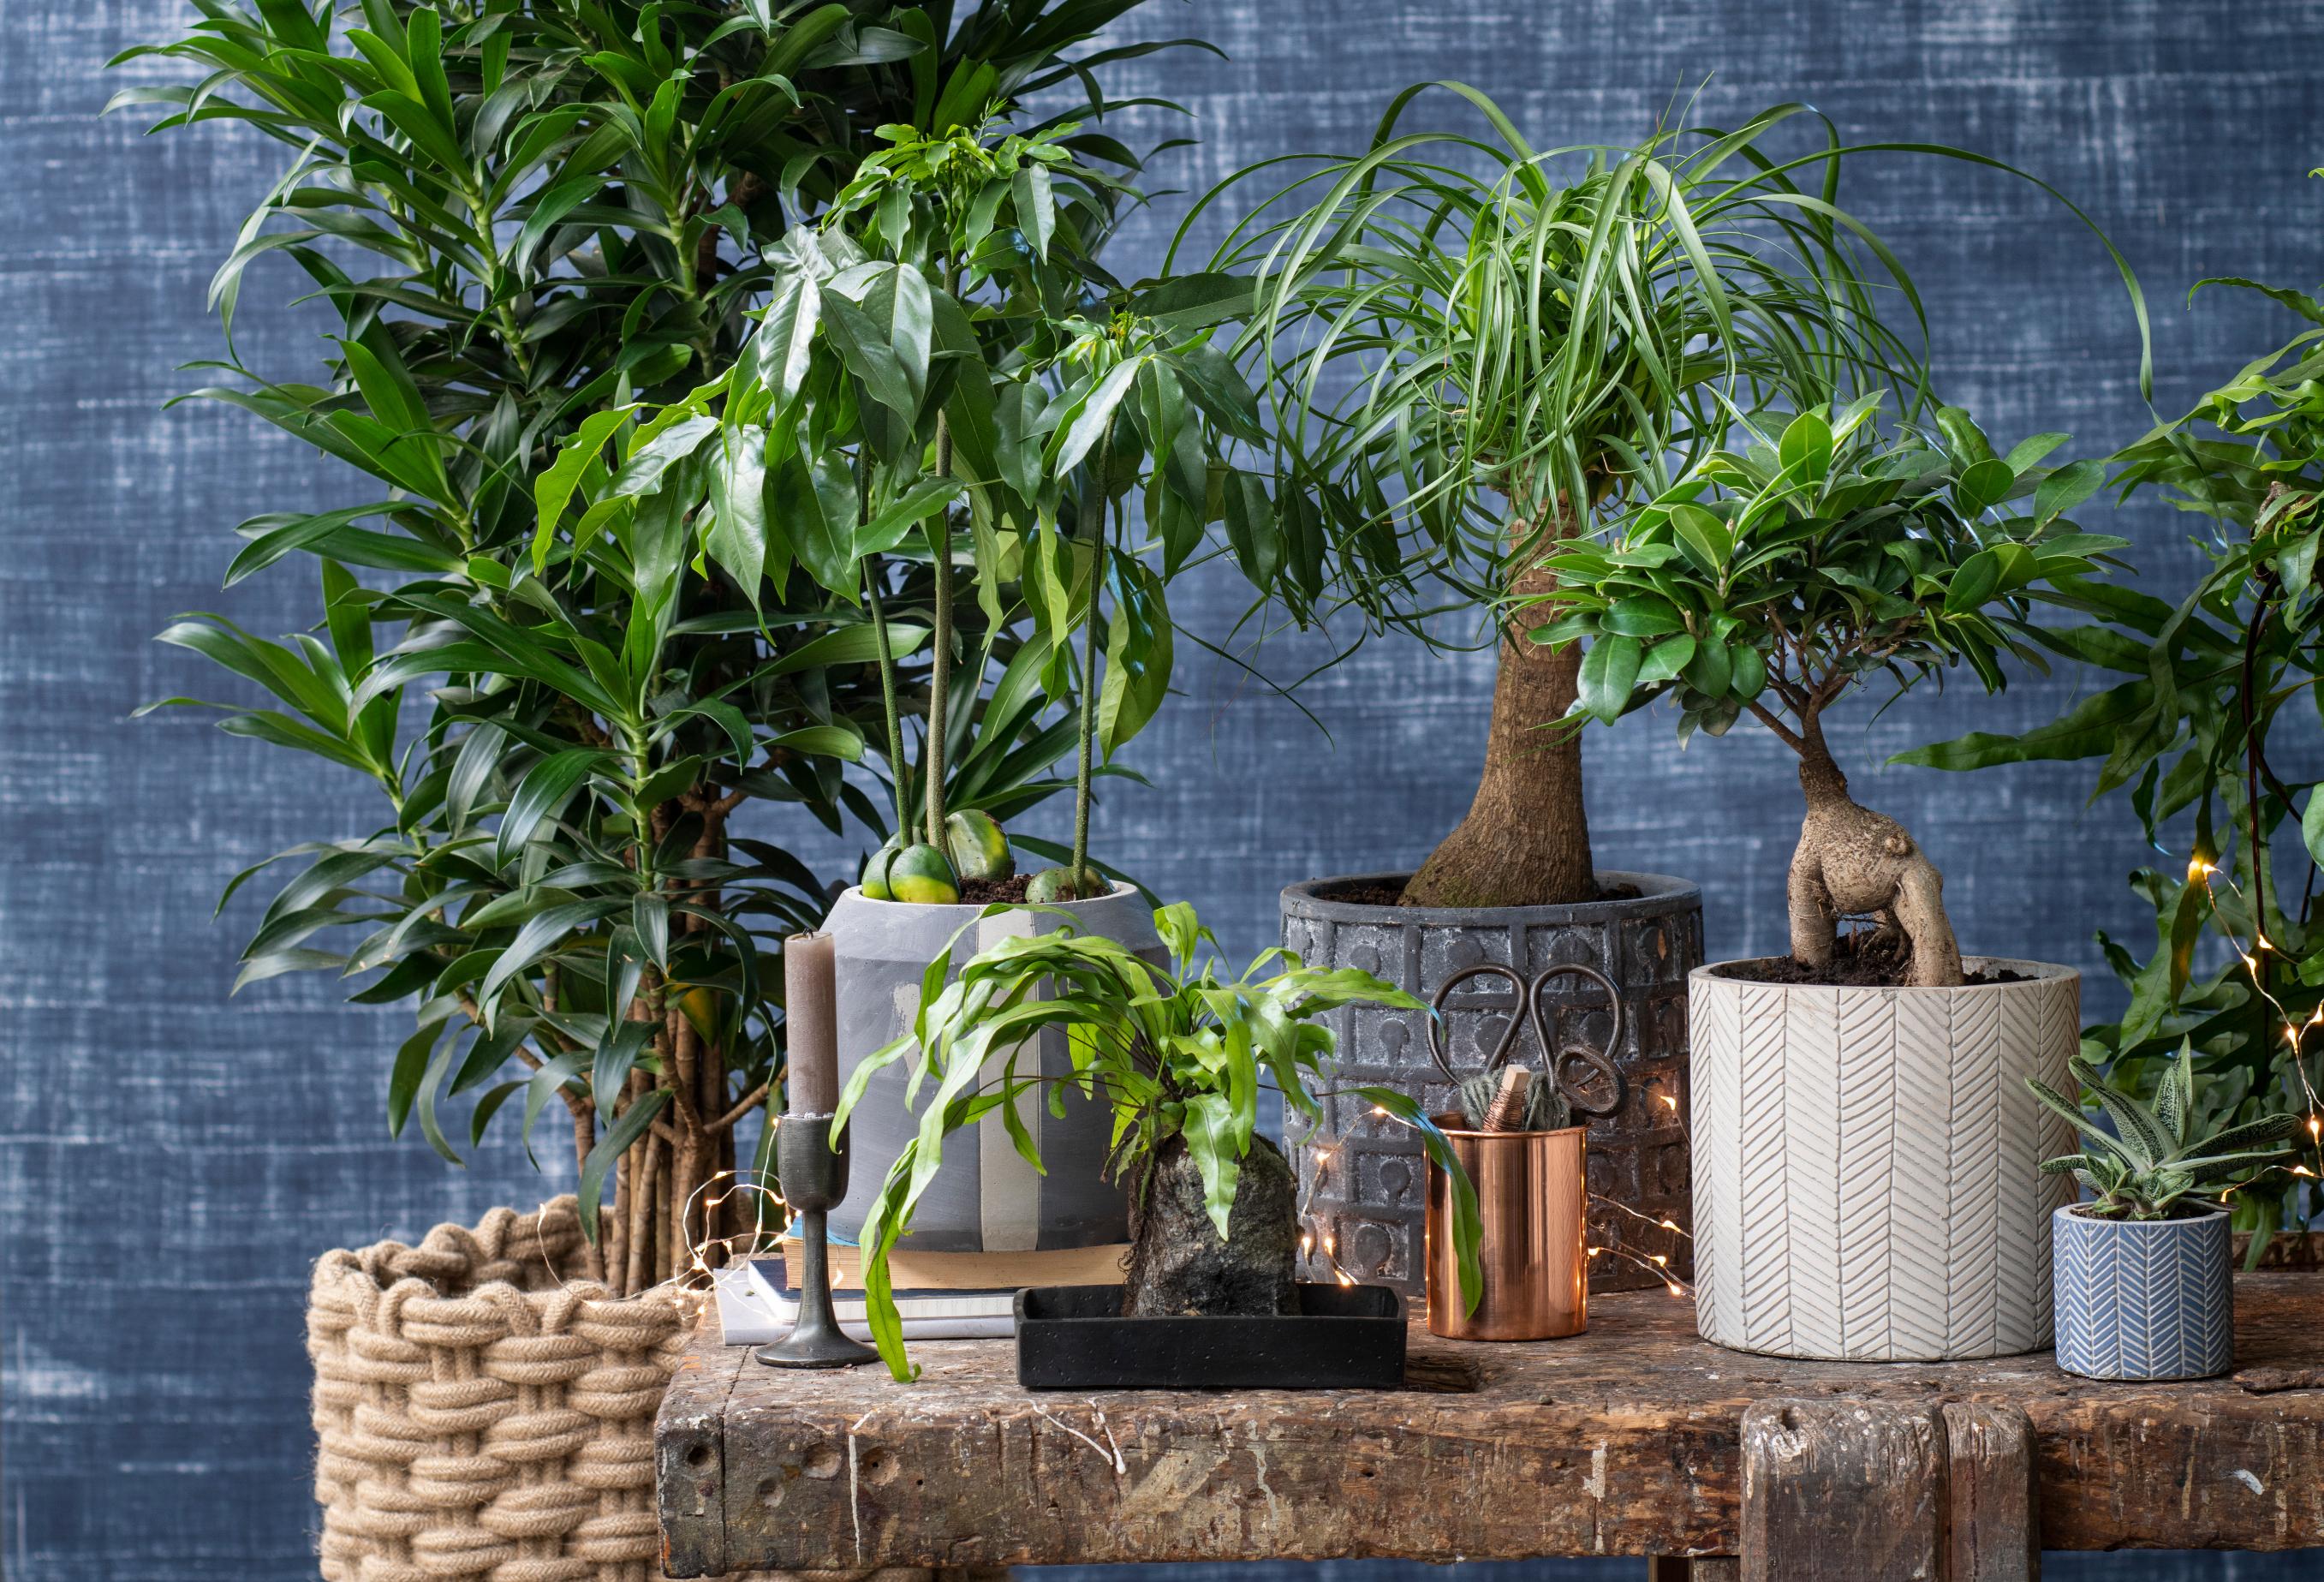 Grote Kamerplanten Intratuin.Nieuwe Stijltrends Binnengroen Groen Groener Groenst